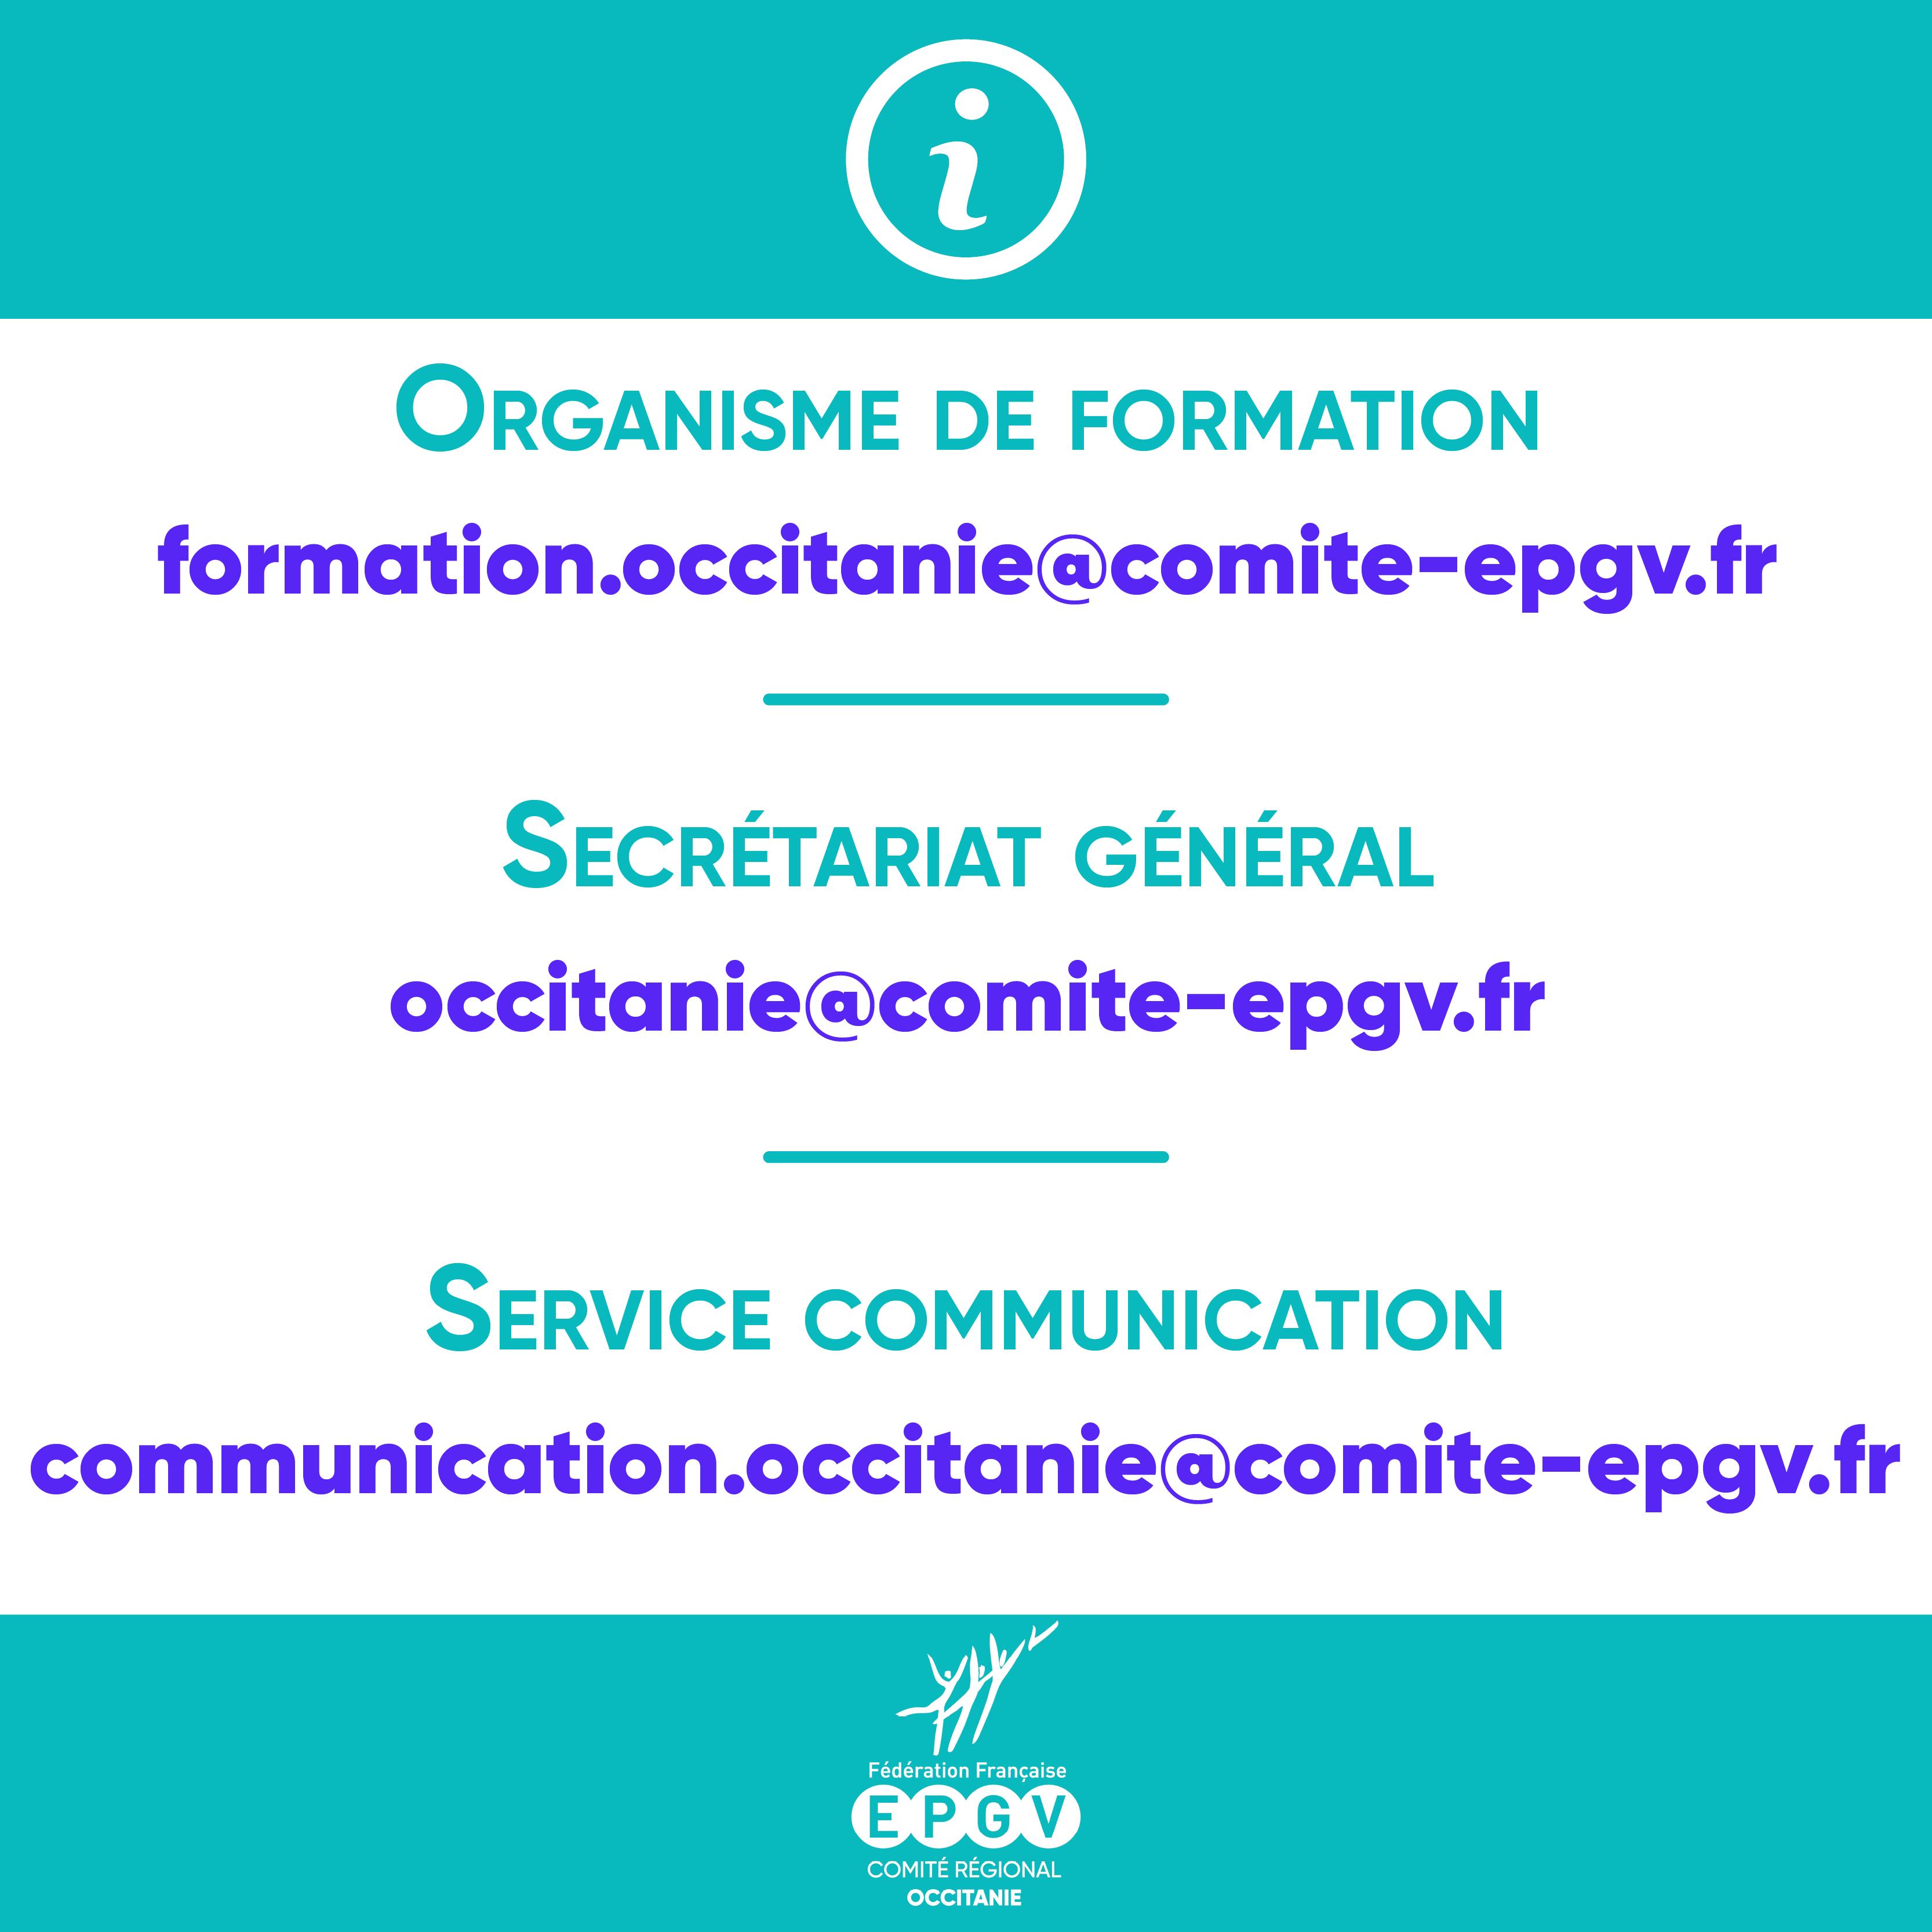 les adresses mail du COREG EPGV Occitanie